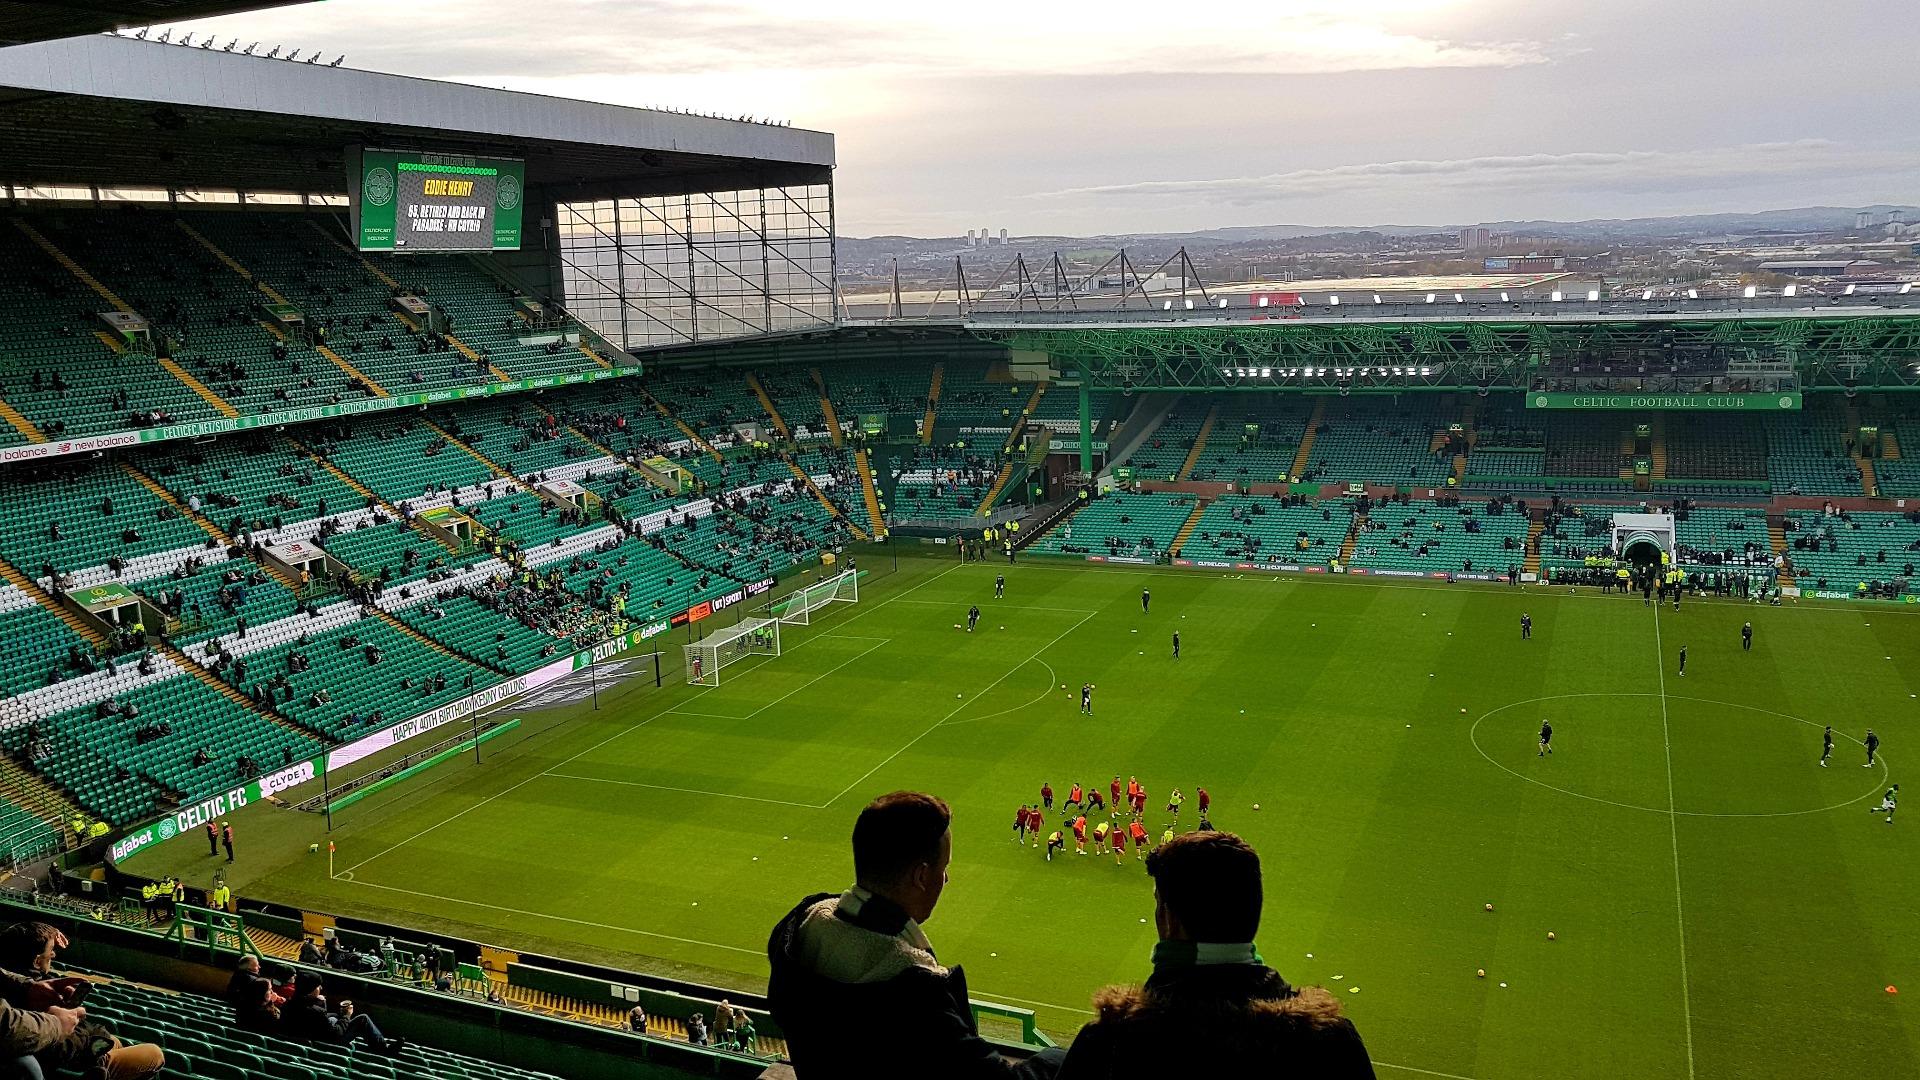 Celtic Park Section 406 Row Q Seat 7